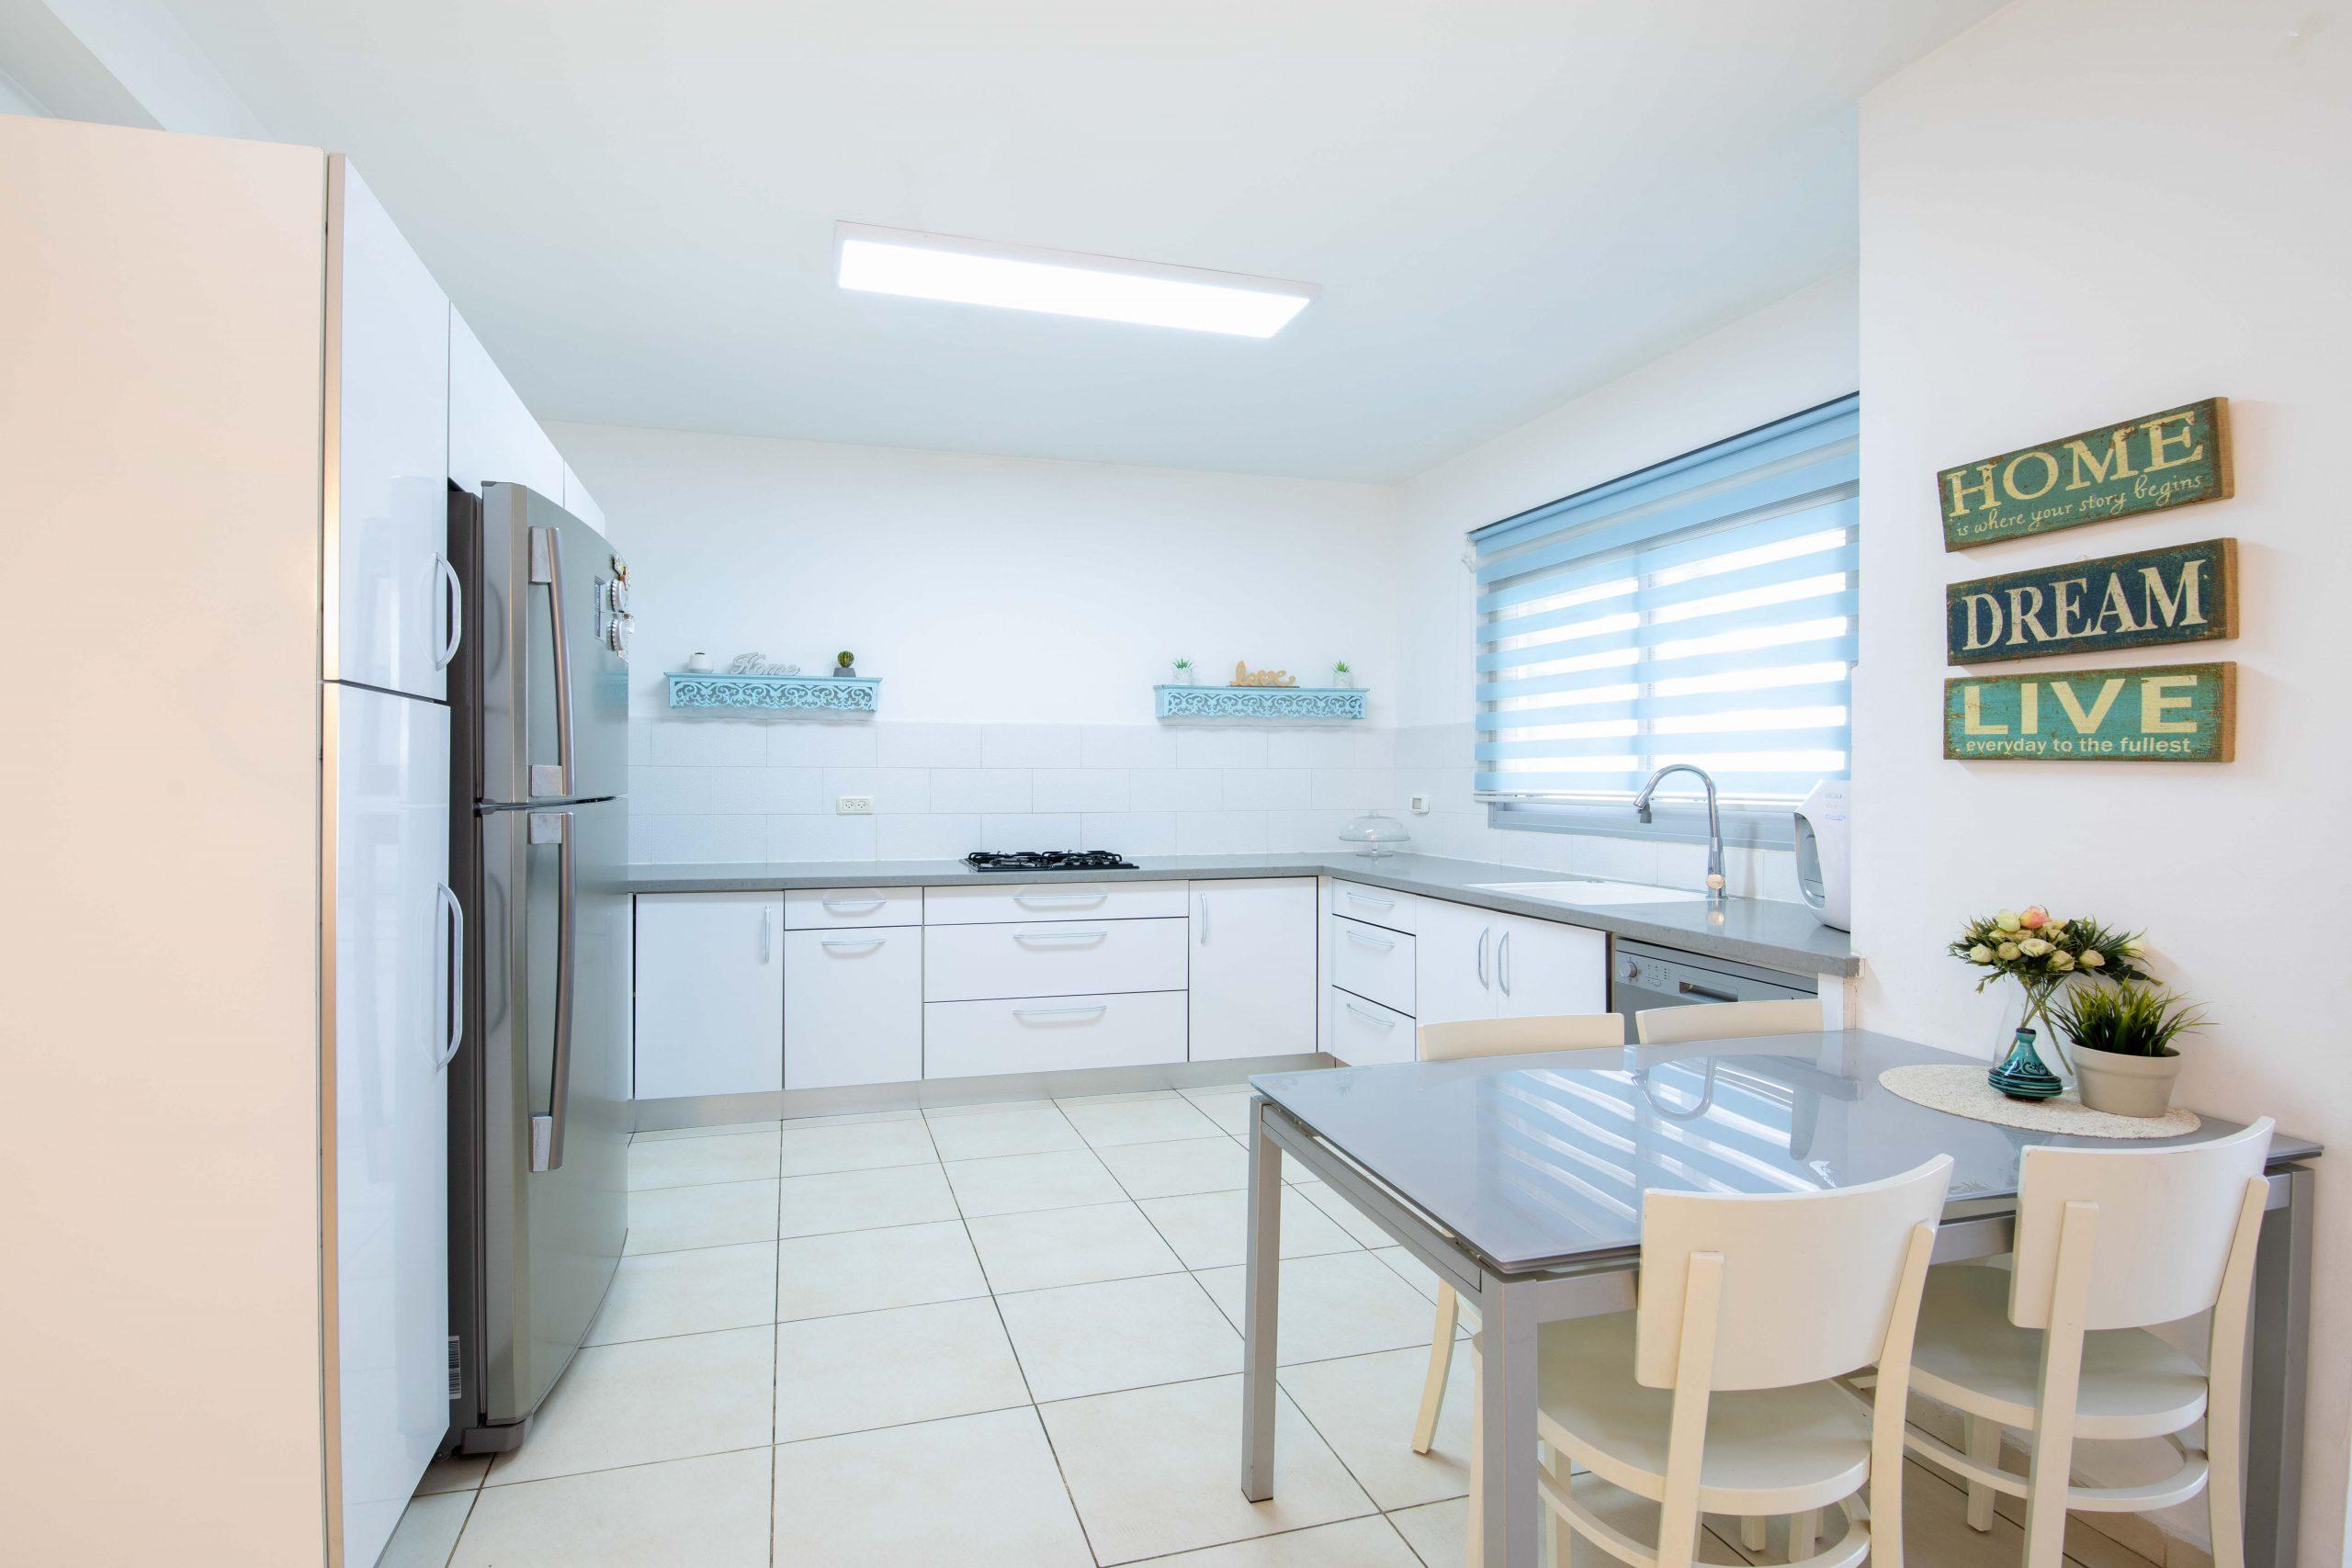 מטבח דירה 4.5 חדרים בשכונת פארק המושבה